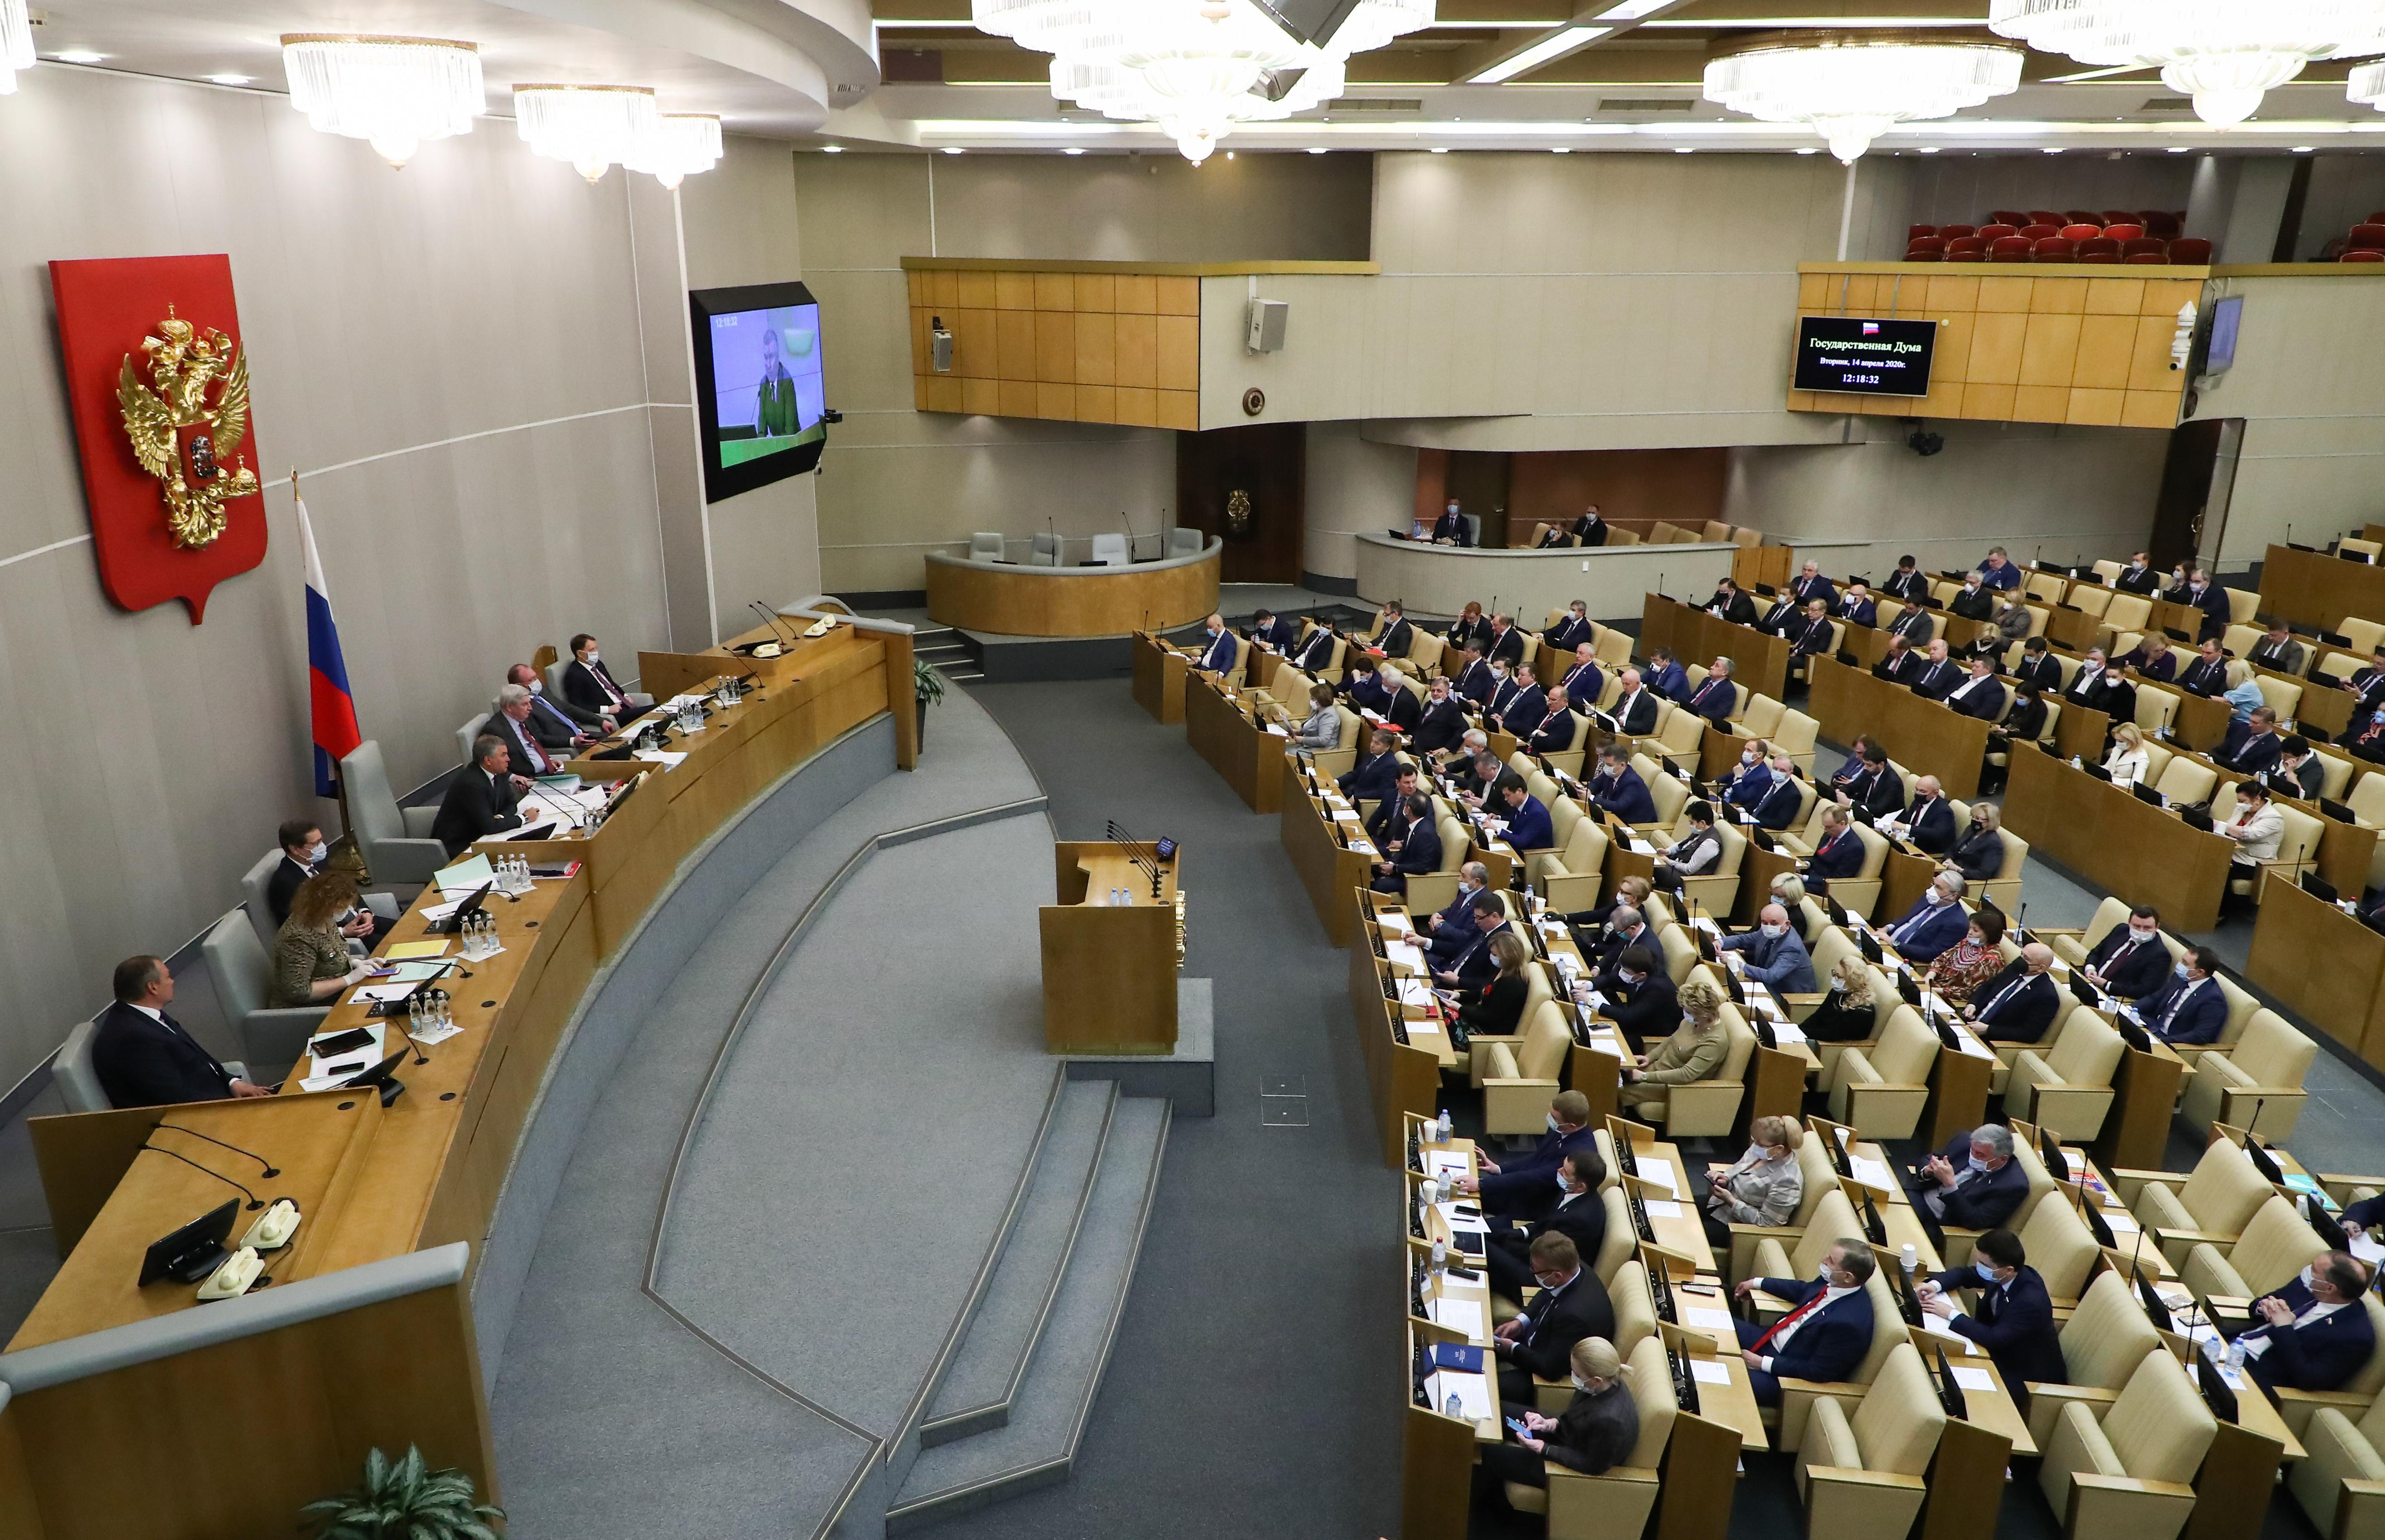 Депутат Госдумы пояснил, кого коснётся решение перевести палату на удалённую работу